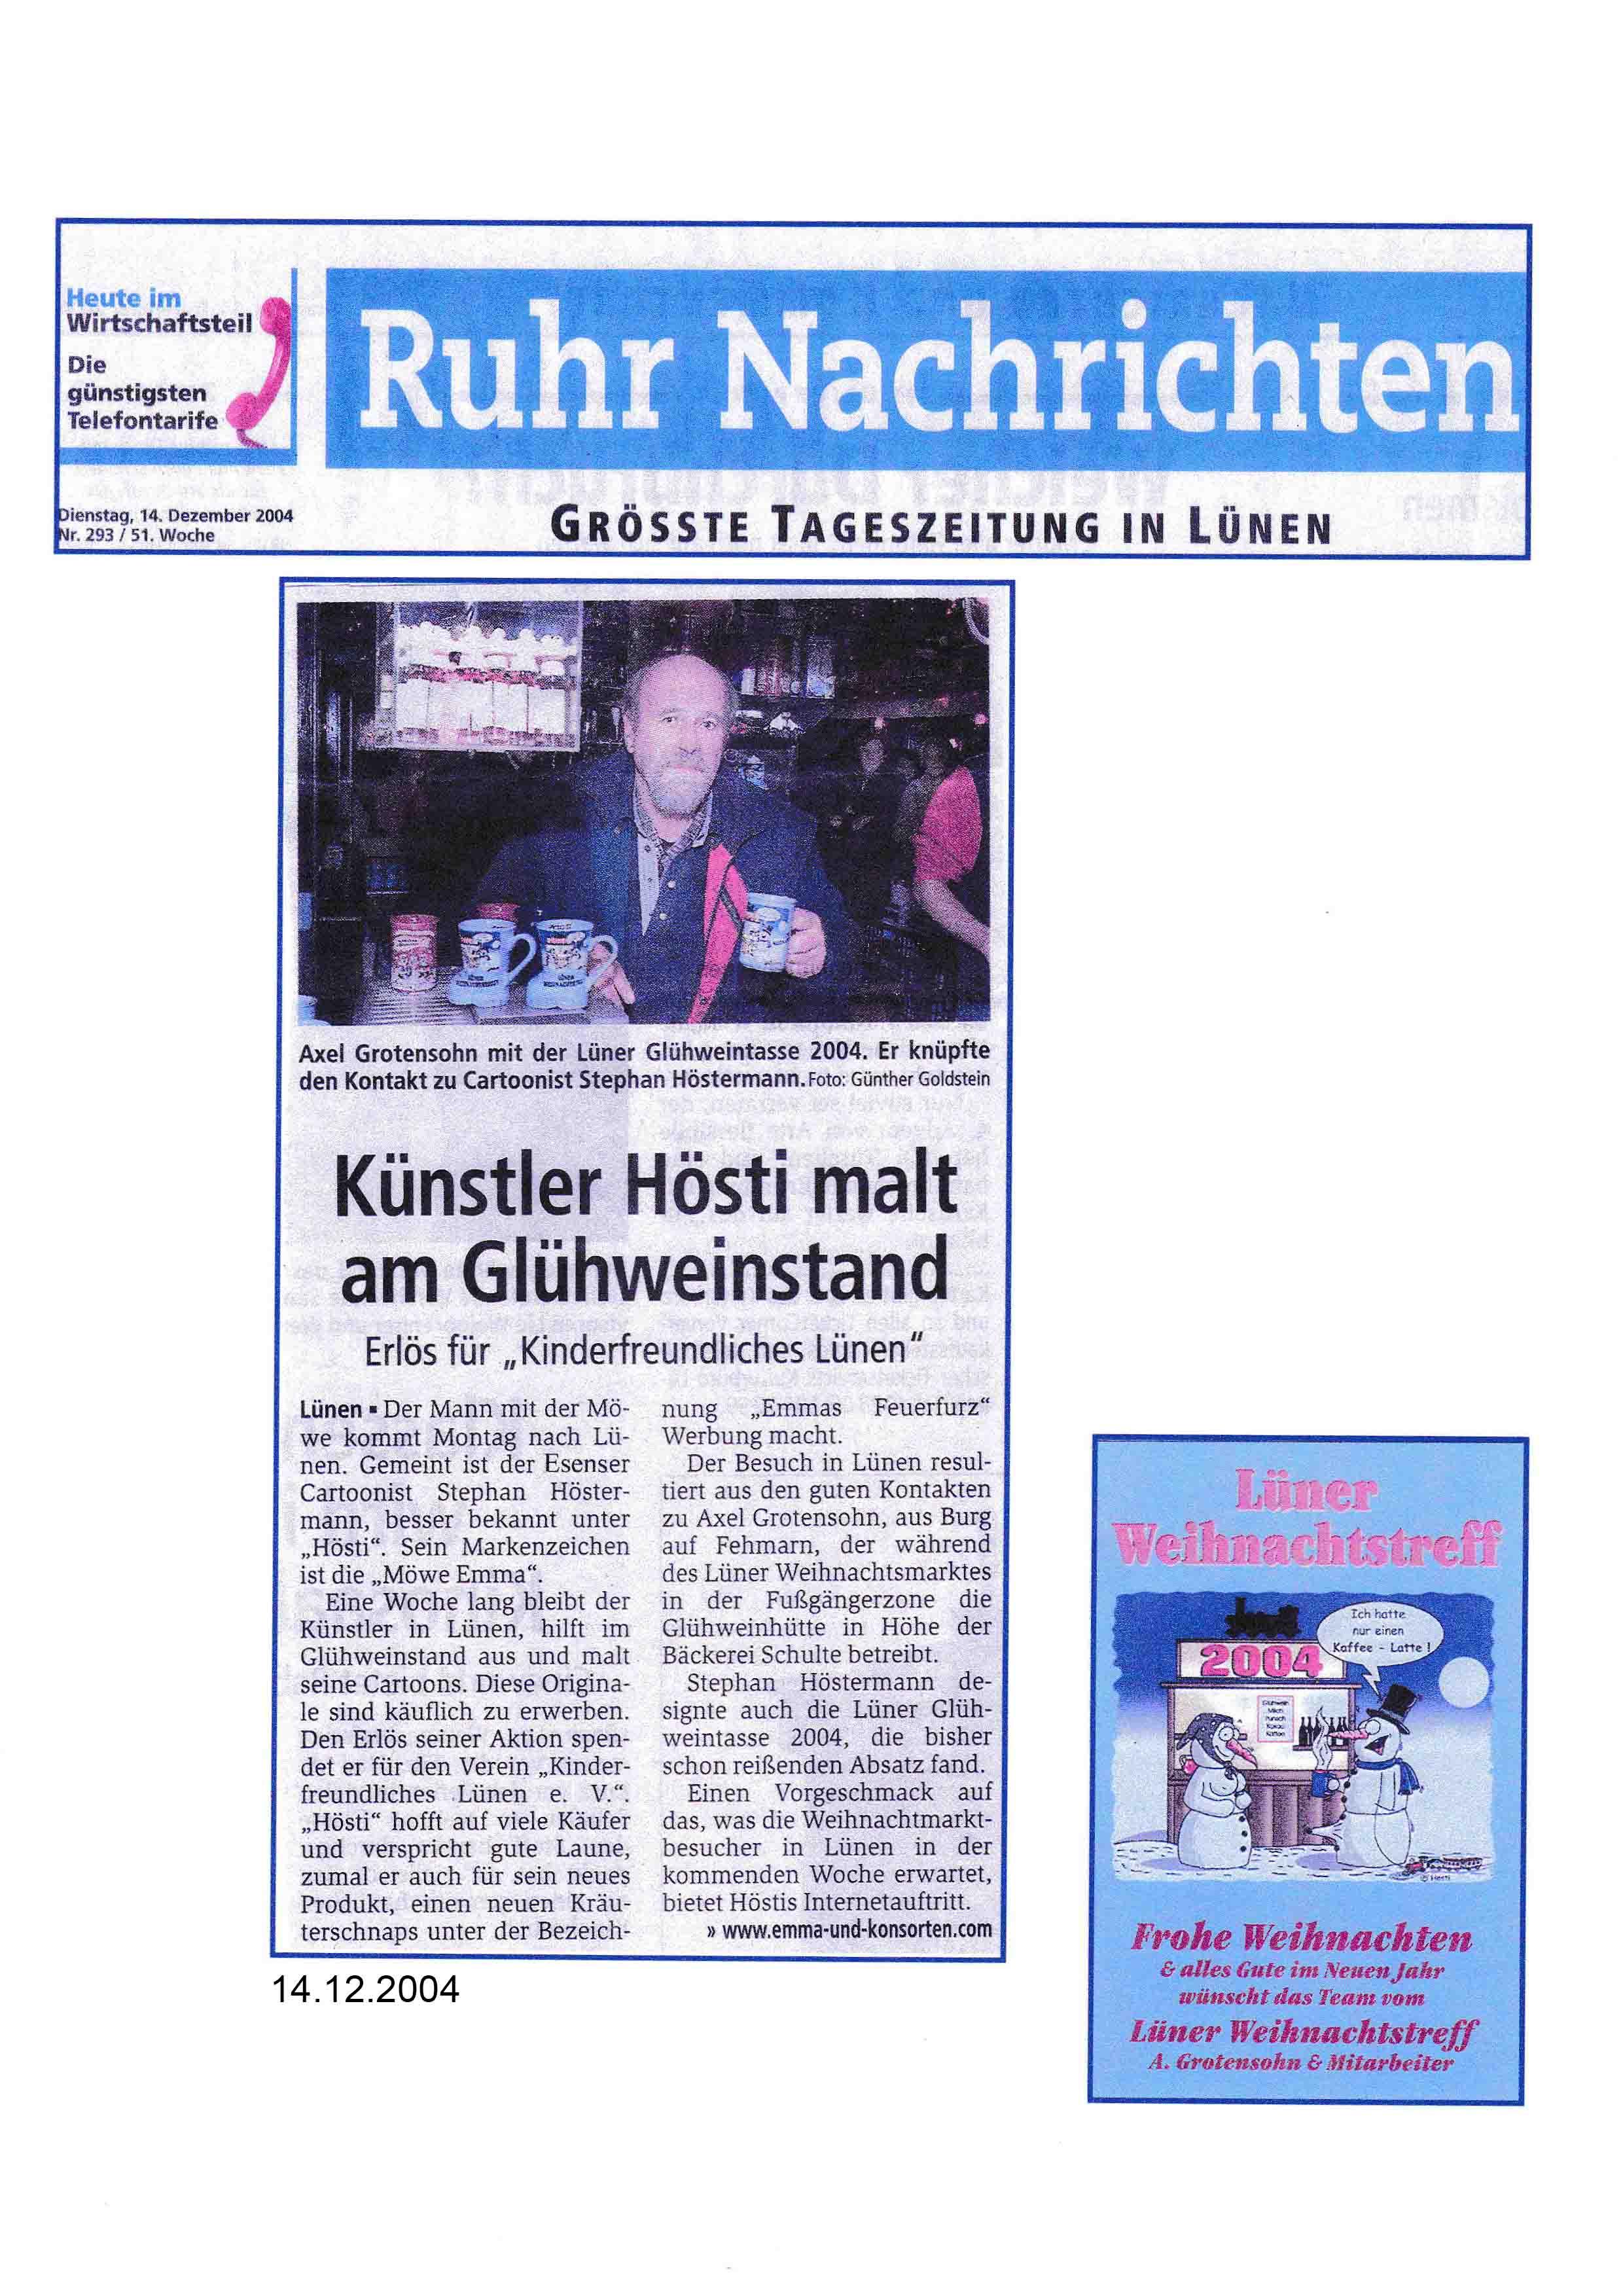 Ruhr Nachrichten Dienstag 14 12 2004 Seite 2